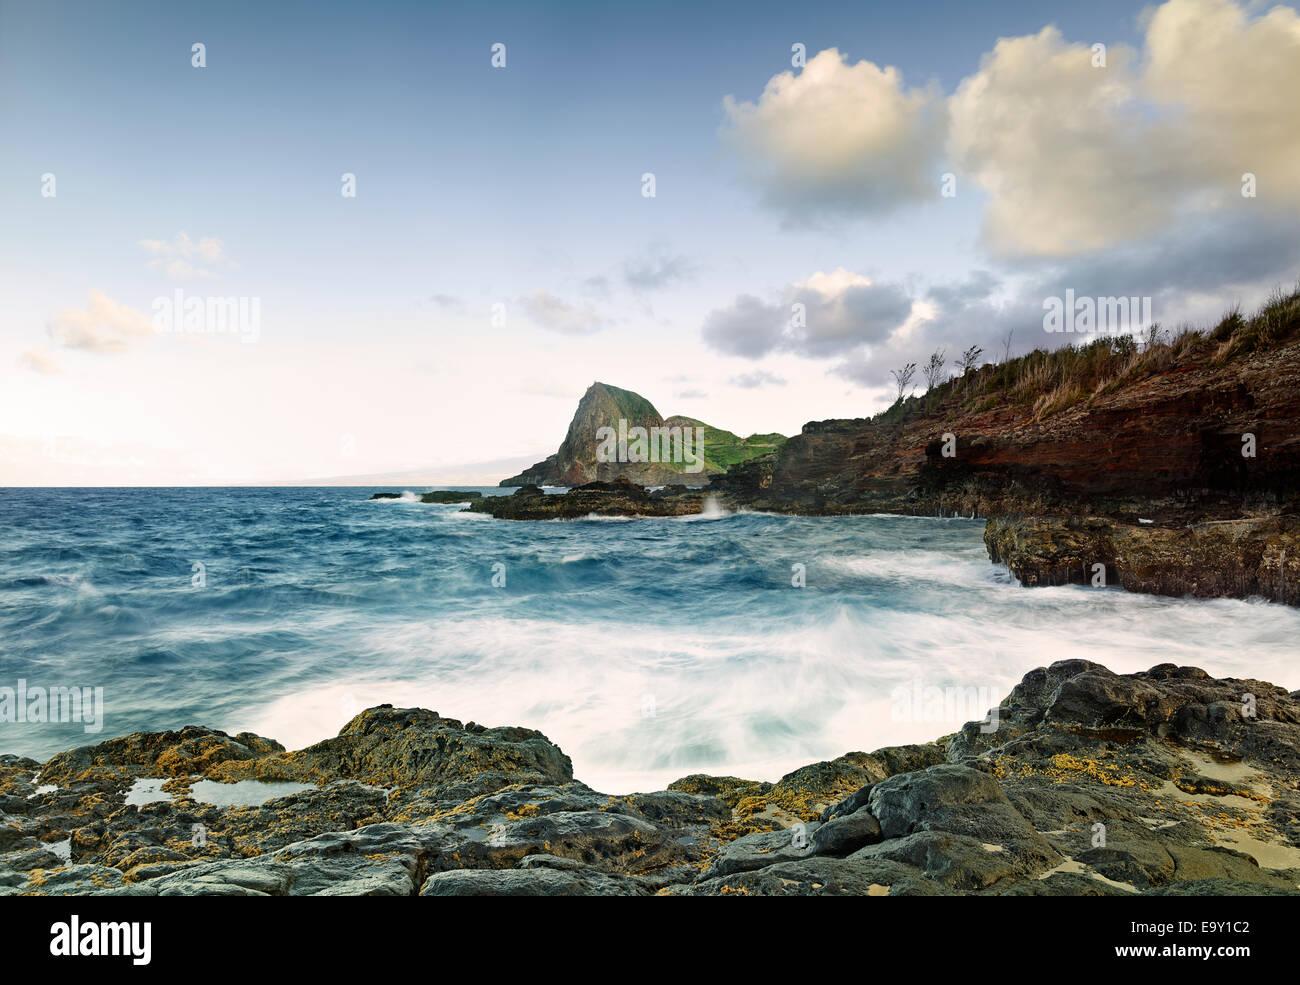 Costa al Kahakuloa Bay, Maui, Hawaii, Stati Uniti Immagini Stock